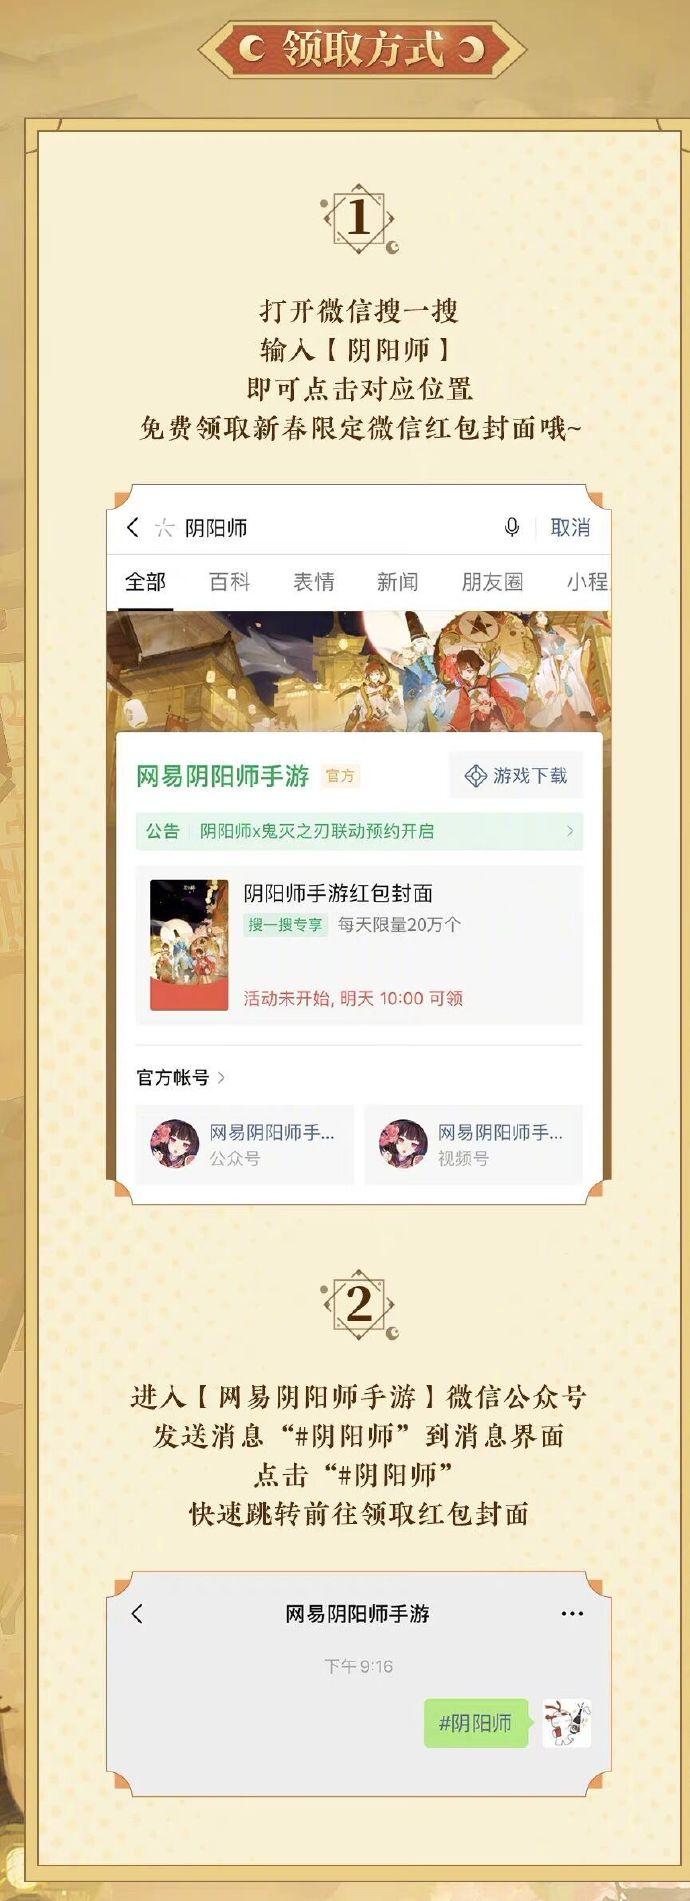 阴阳师新春限定微信红包封面怎么领取